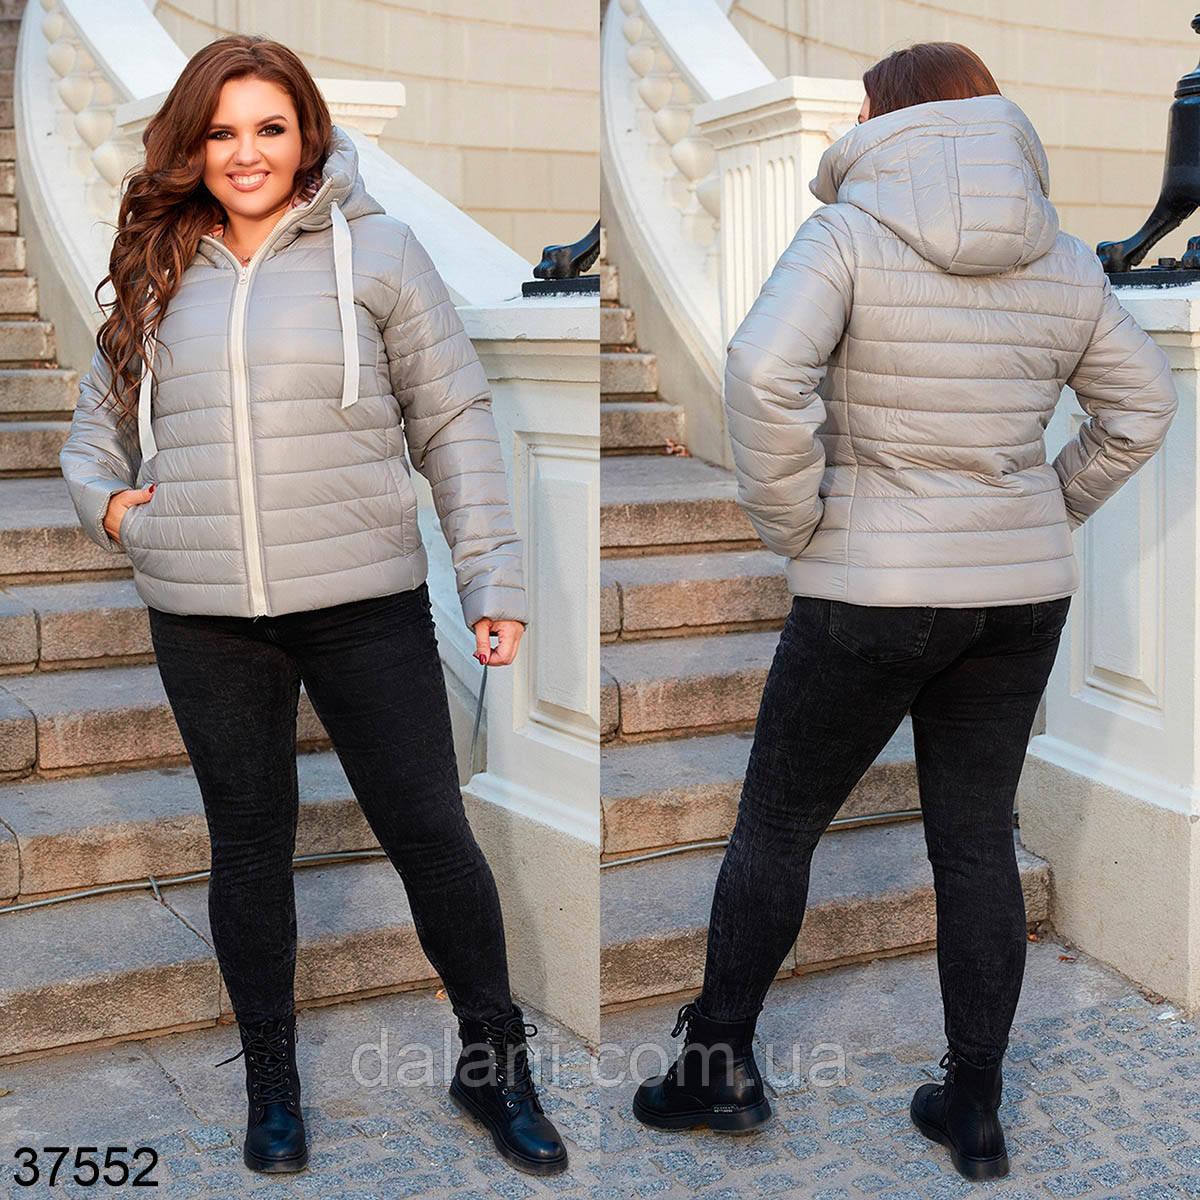 Женская короткая демисезонная куртка серая на молнии с капюшоном